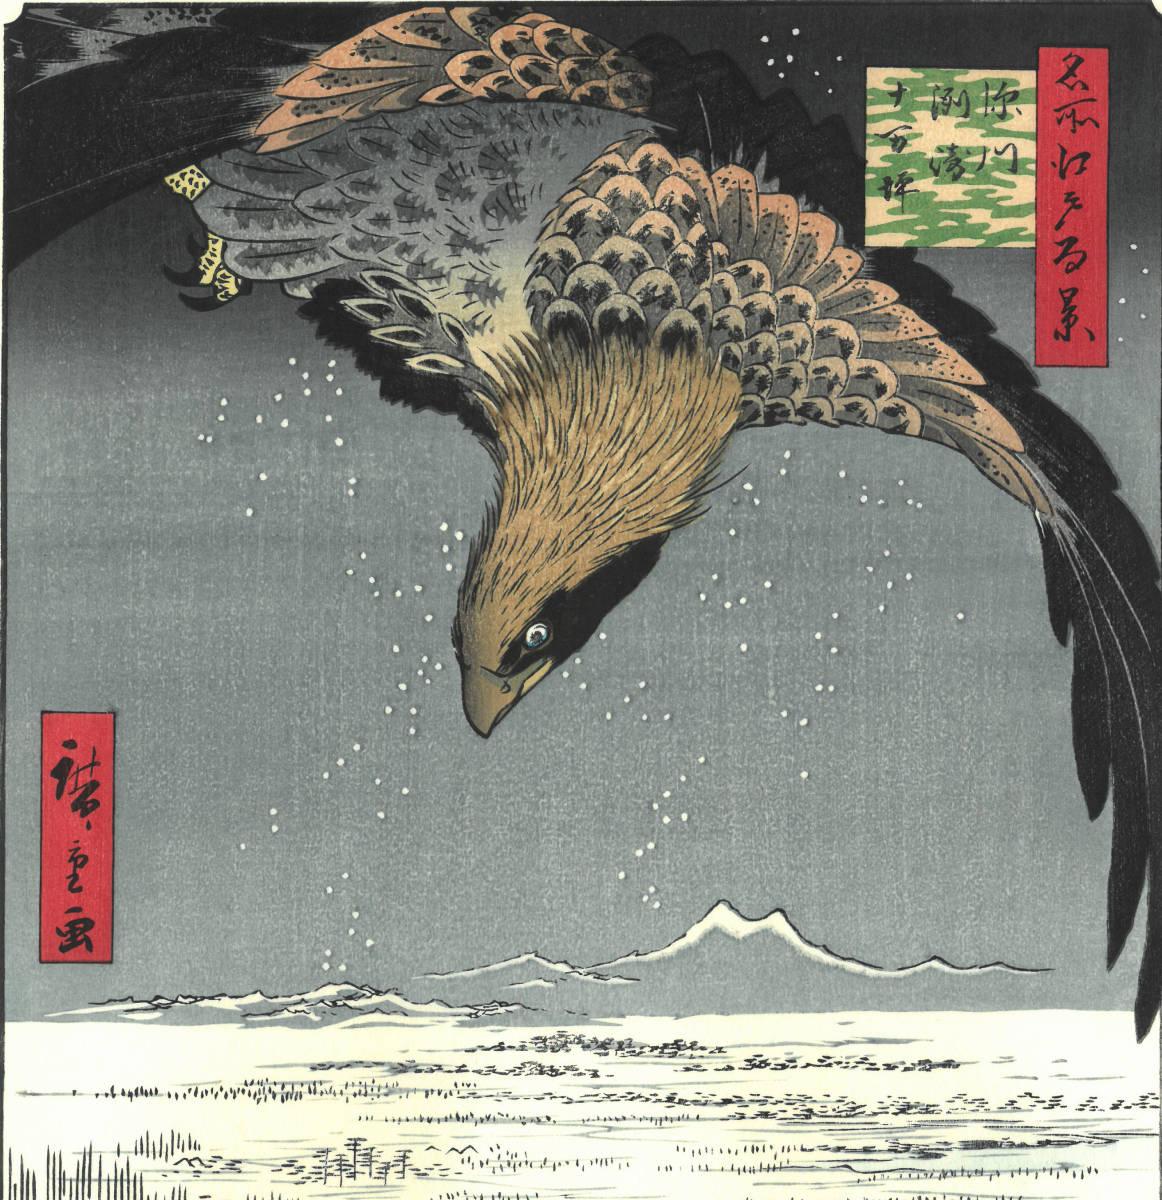 歌川広重 (Utagawa Hiroshige) 木版画 江戸百景 #108. 深川州崎十万坪  初版1856-58年頃  広重の木版画の真の素晴らしさをご堪能下さい! _画像5